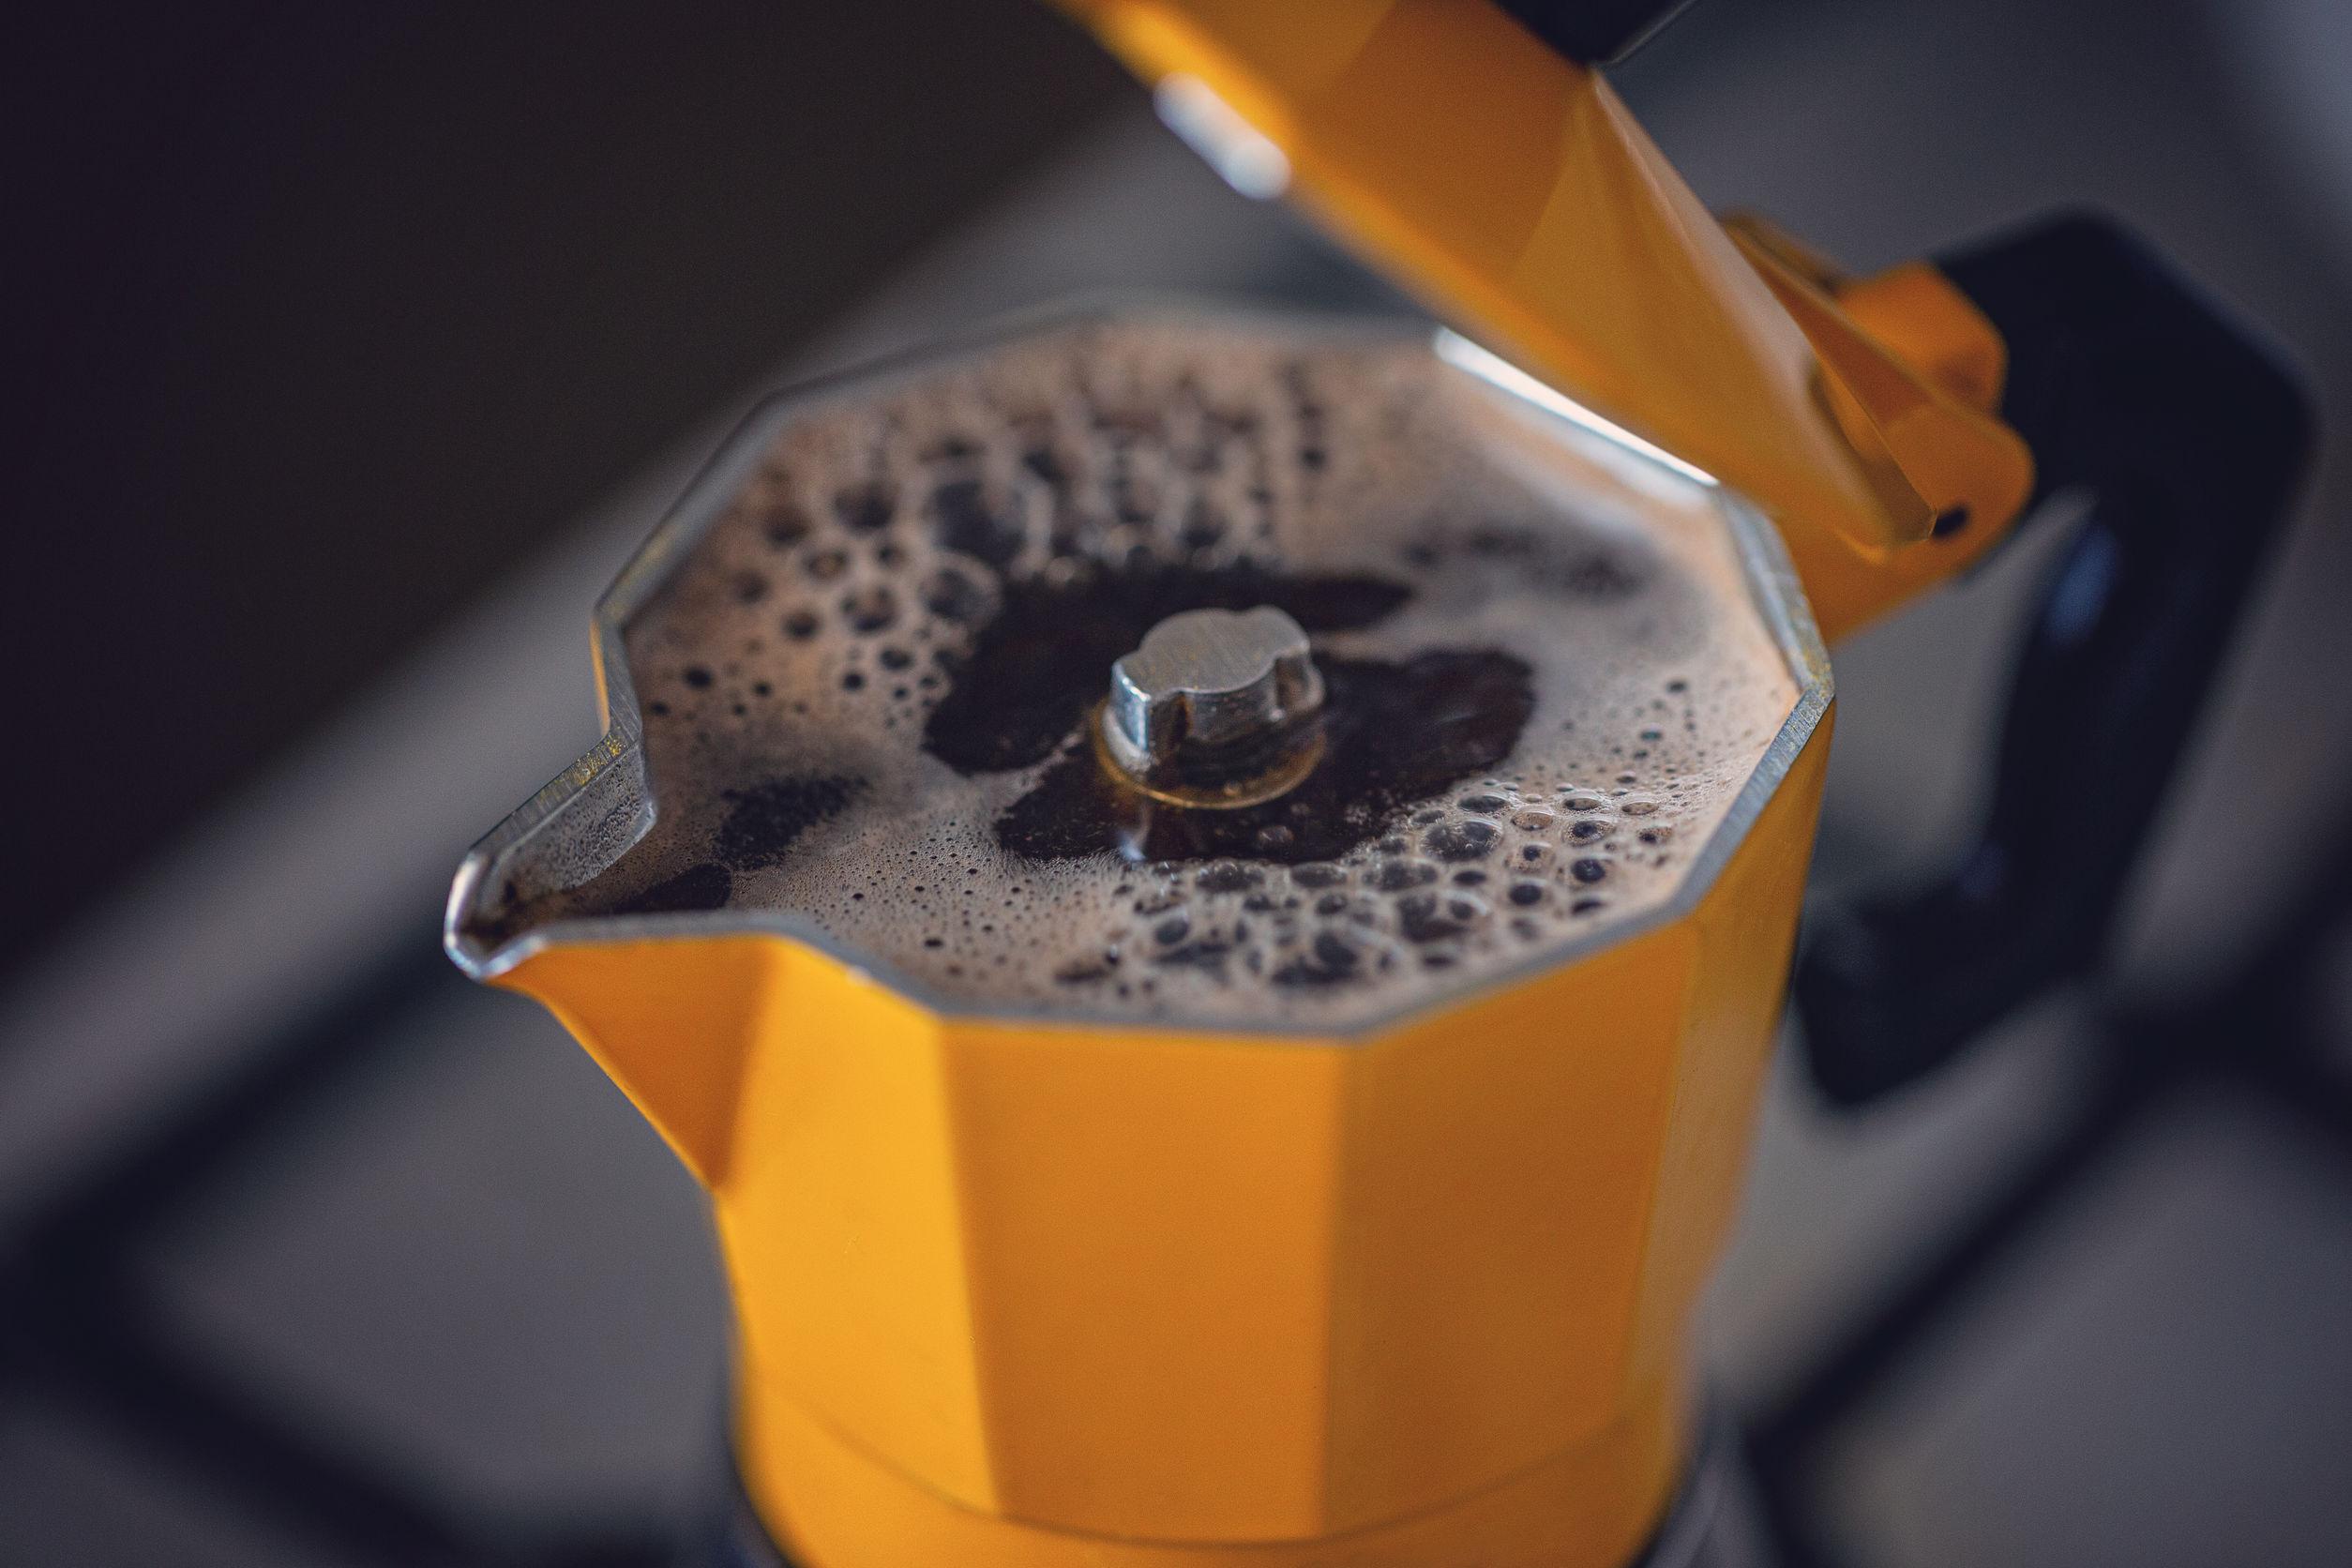 El proceso de preparación de café en un punto de cafetera sobre un fondo oscuro.